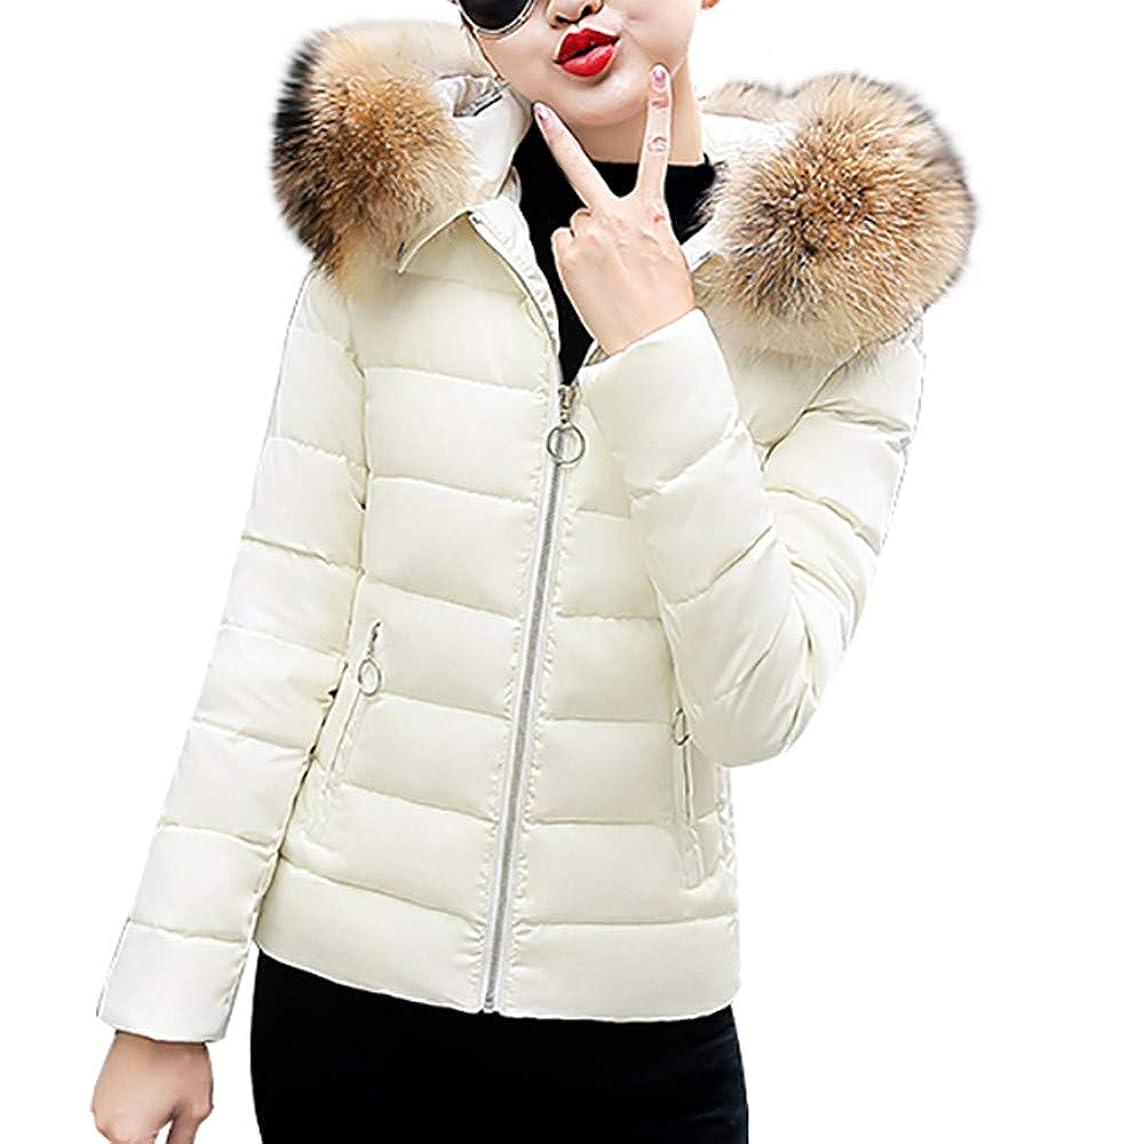 Winter Warm Faux Fur Hooded Short Slim Cotton-Padded Jackets Coat Women